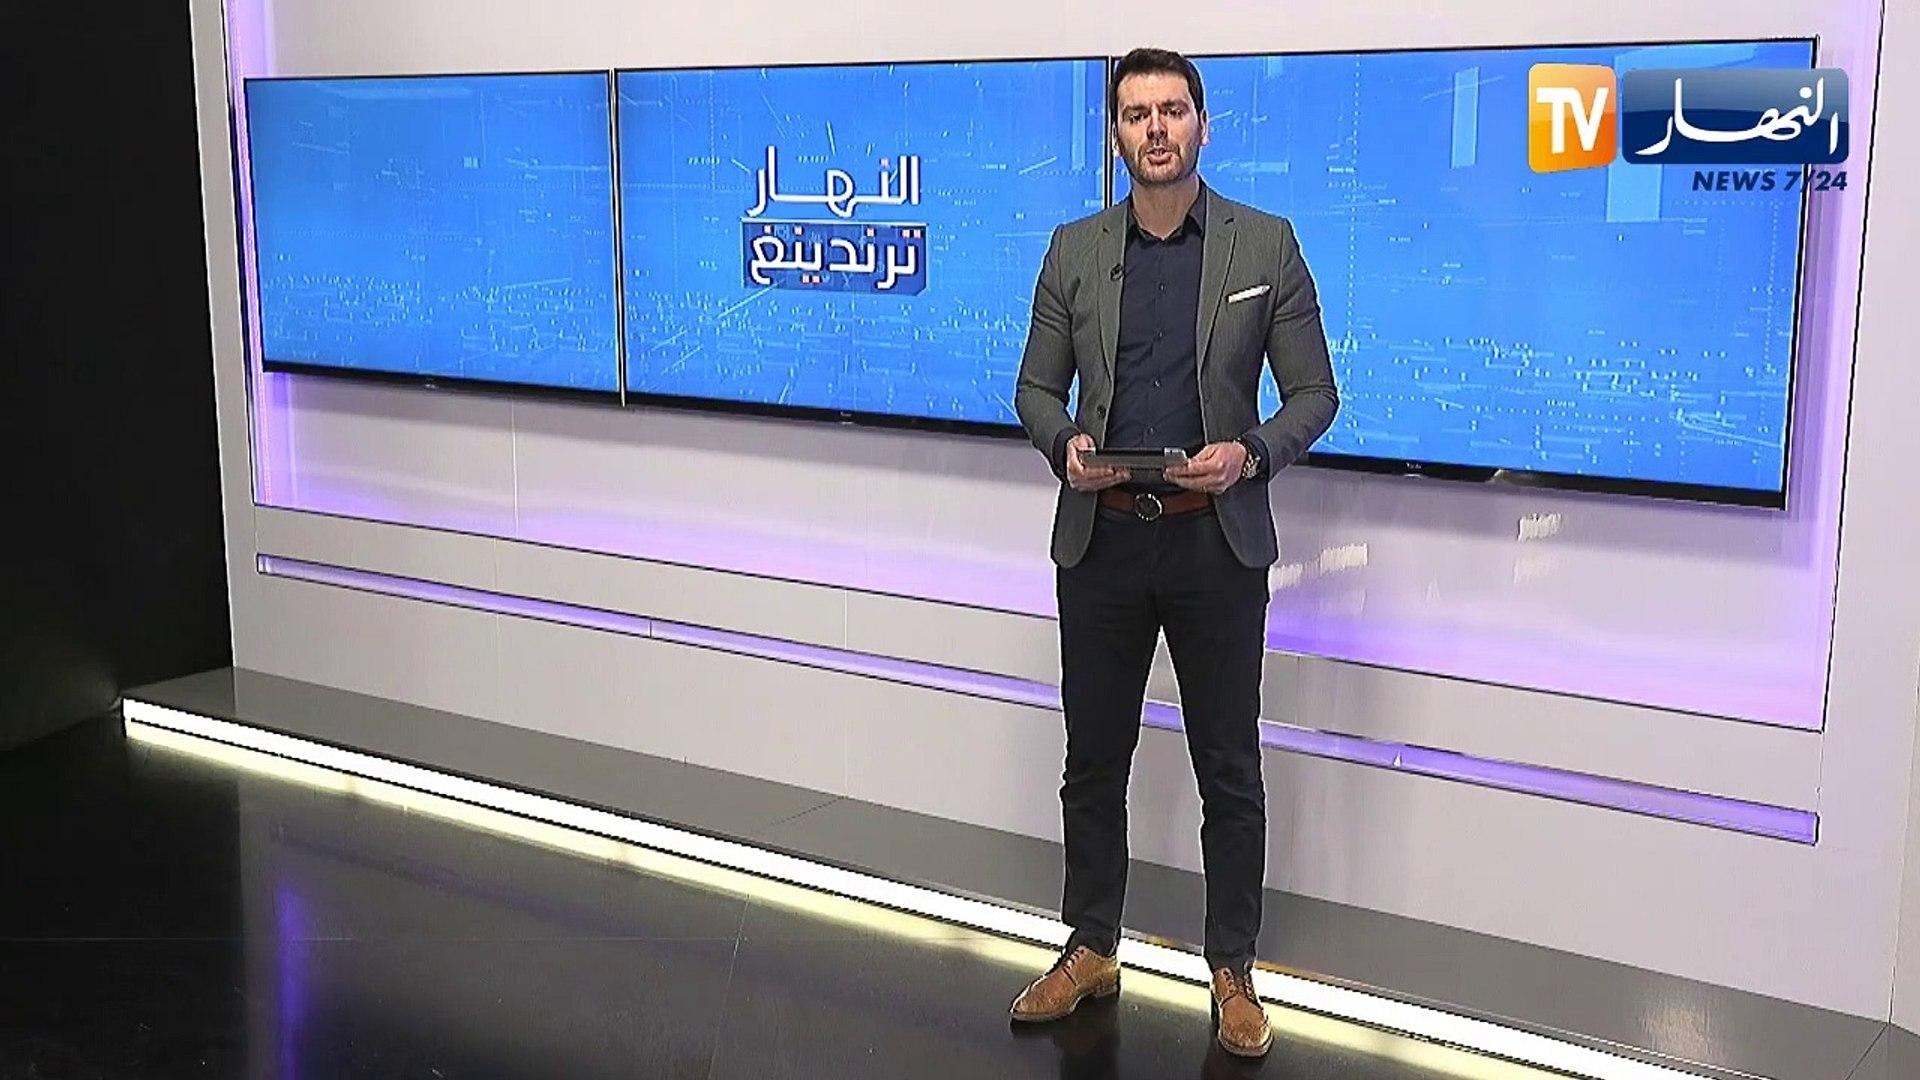 النهار ترندينغ: الجزائر تدخل المستوى االثالث من تفشي فيروس كورونا..شاهد تعليقات الجزائريين